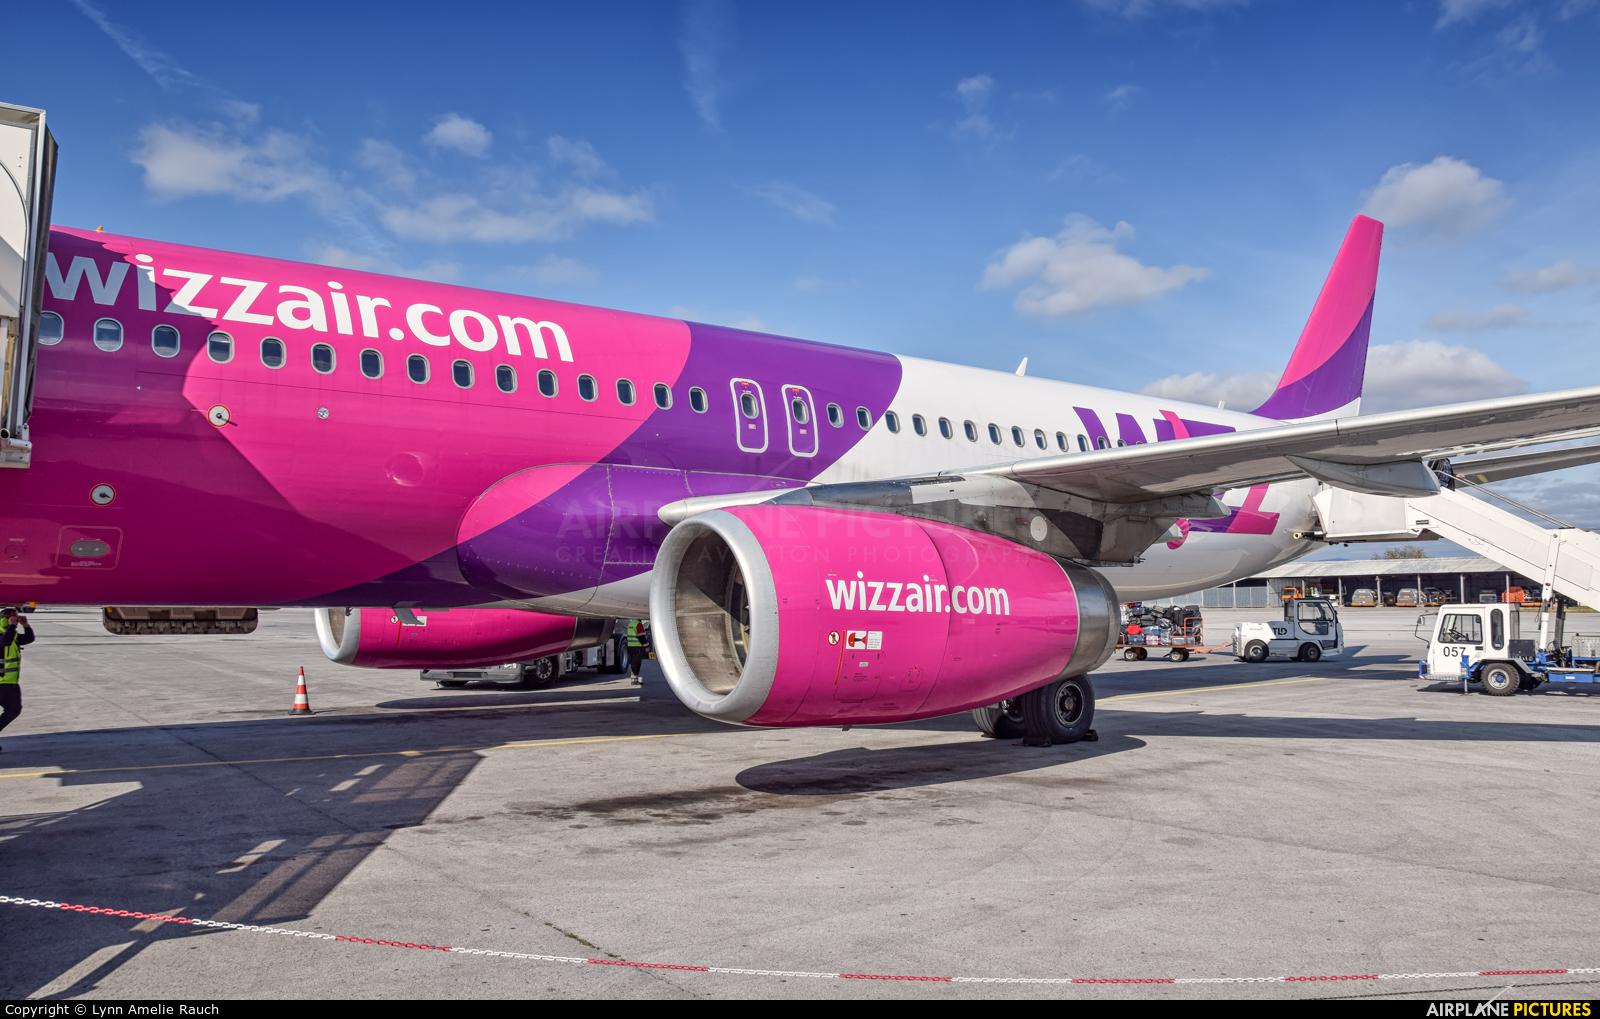 Wizz Air HA-LYG aircraft at Sofia